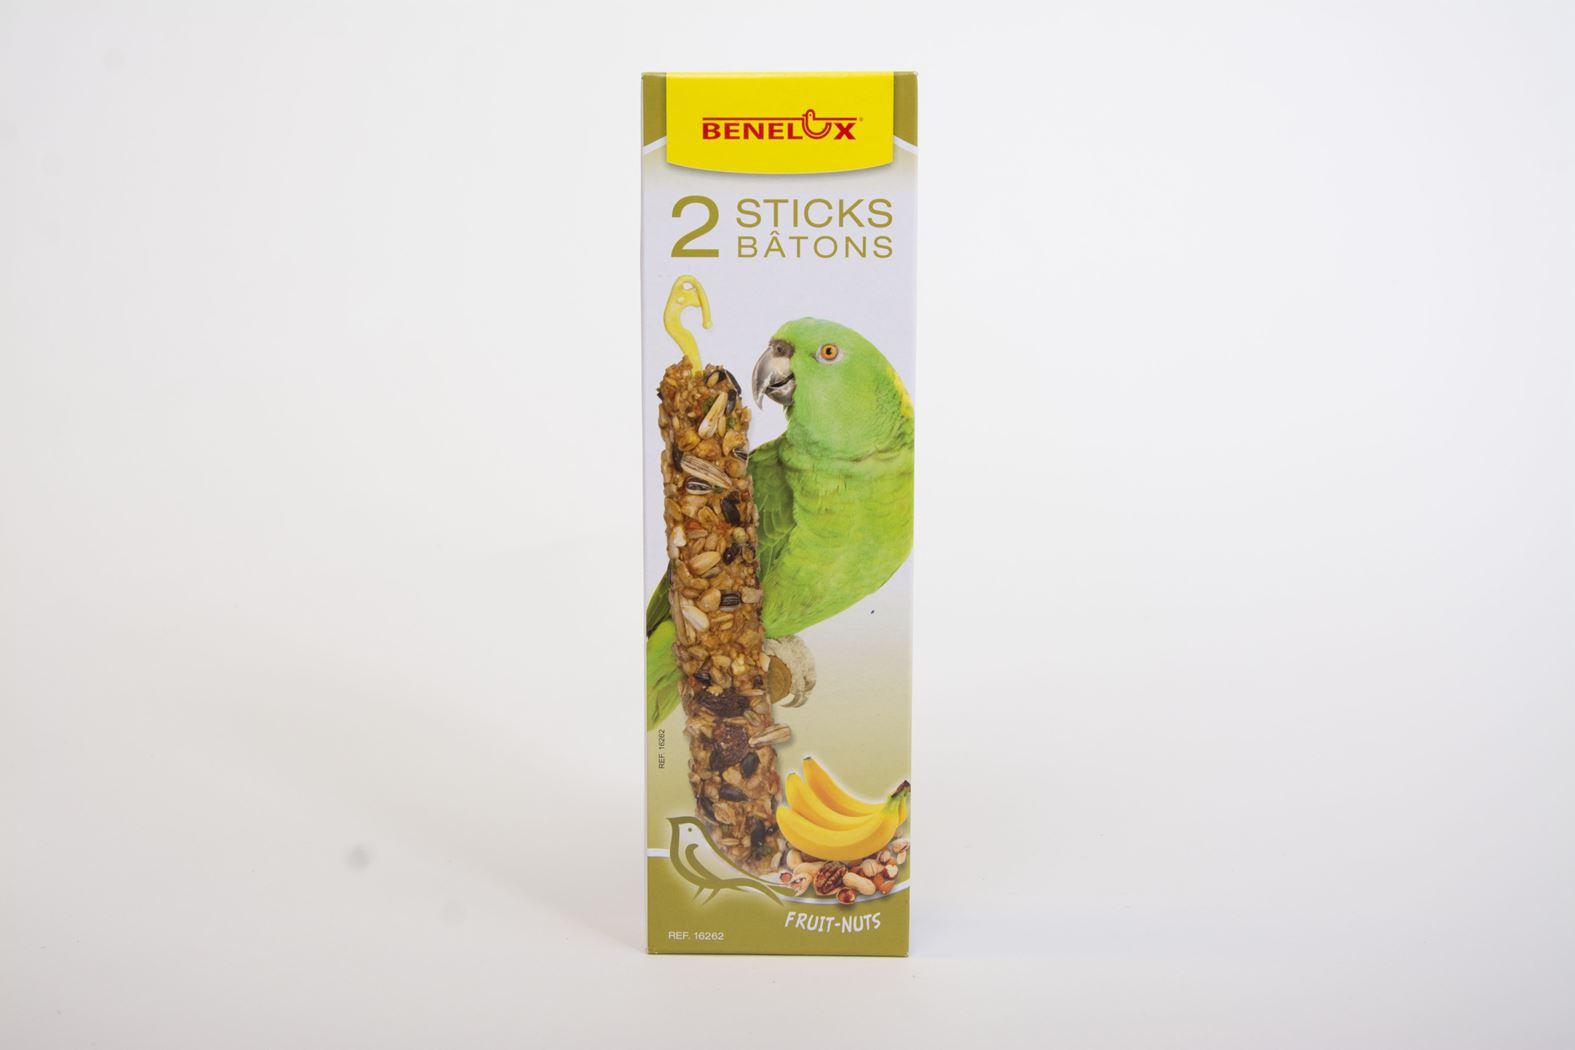 benelux sticks xxl papegaai noten/banaan (2sts)